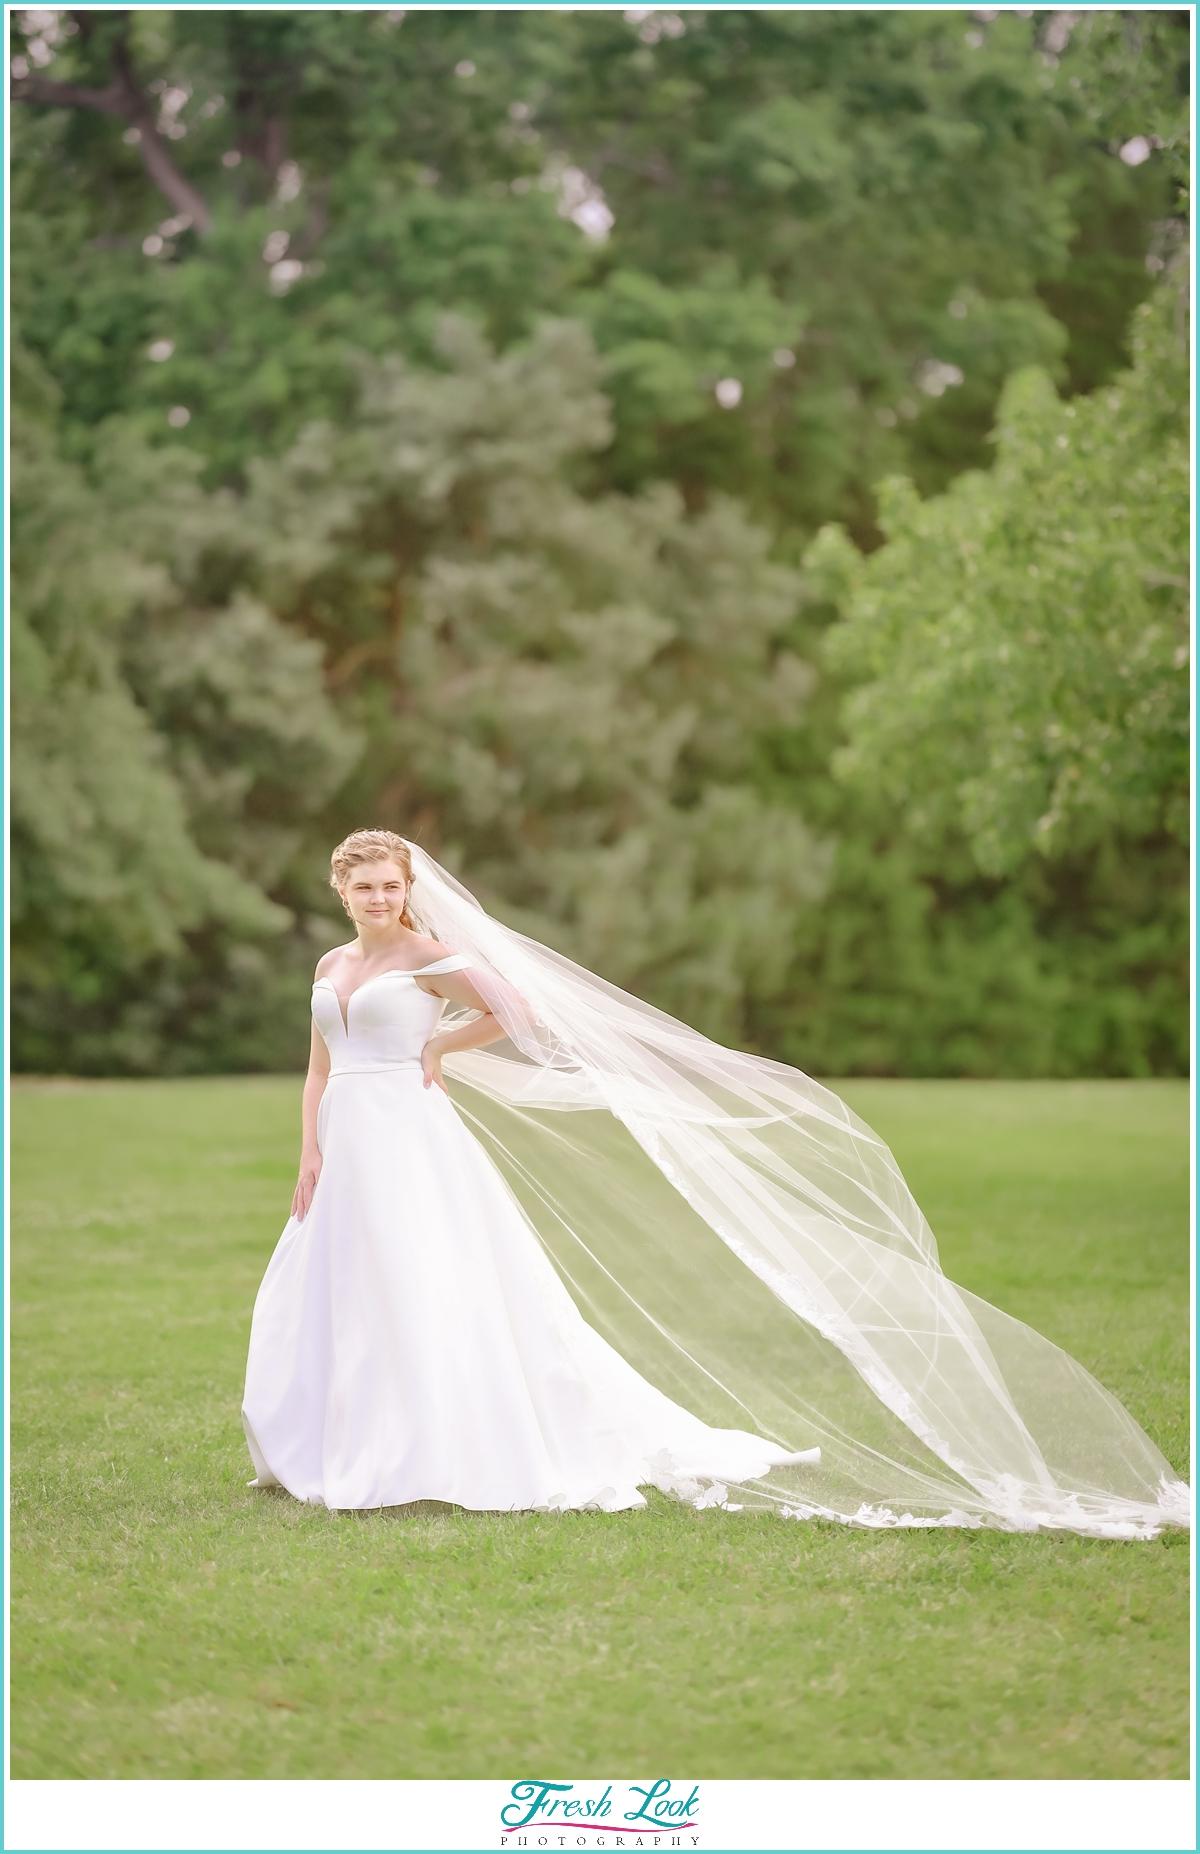 Woodsy bridal photoshoot